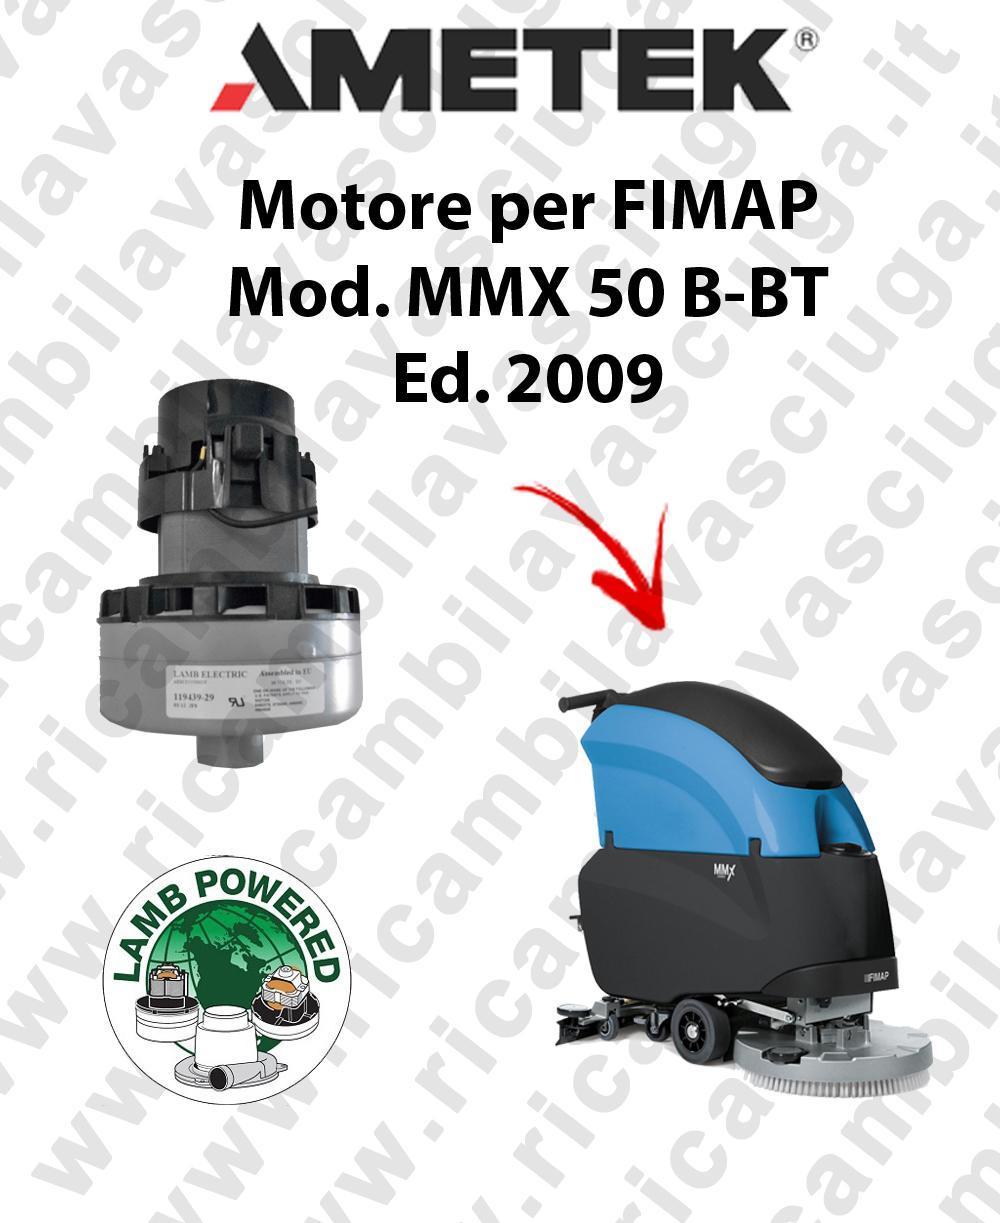 MMX 50 B-BT Ed. 2009 Saugmotor LAMB AMETEK für scheuersaugmaschinen FIMAP